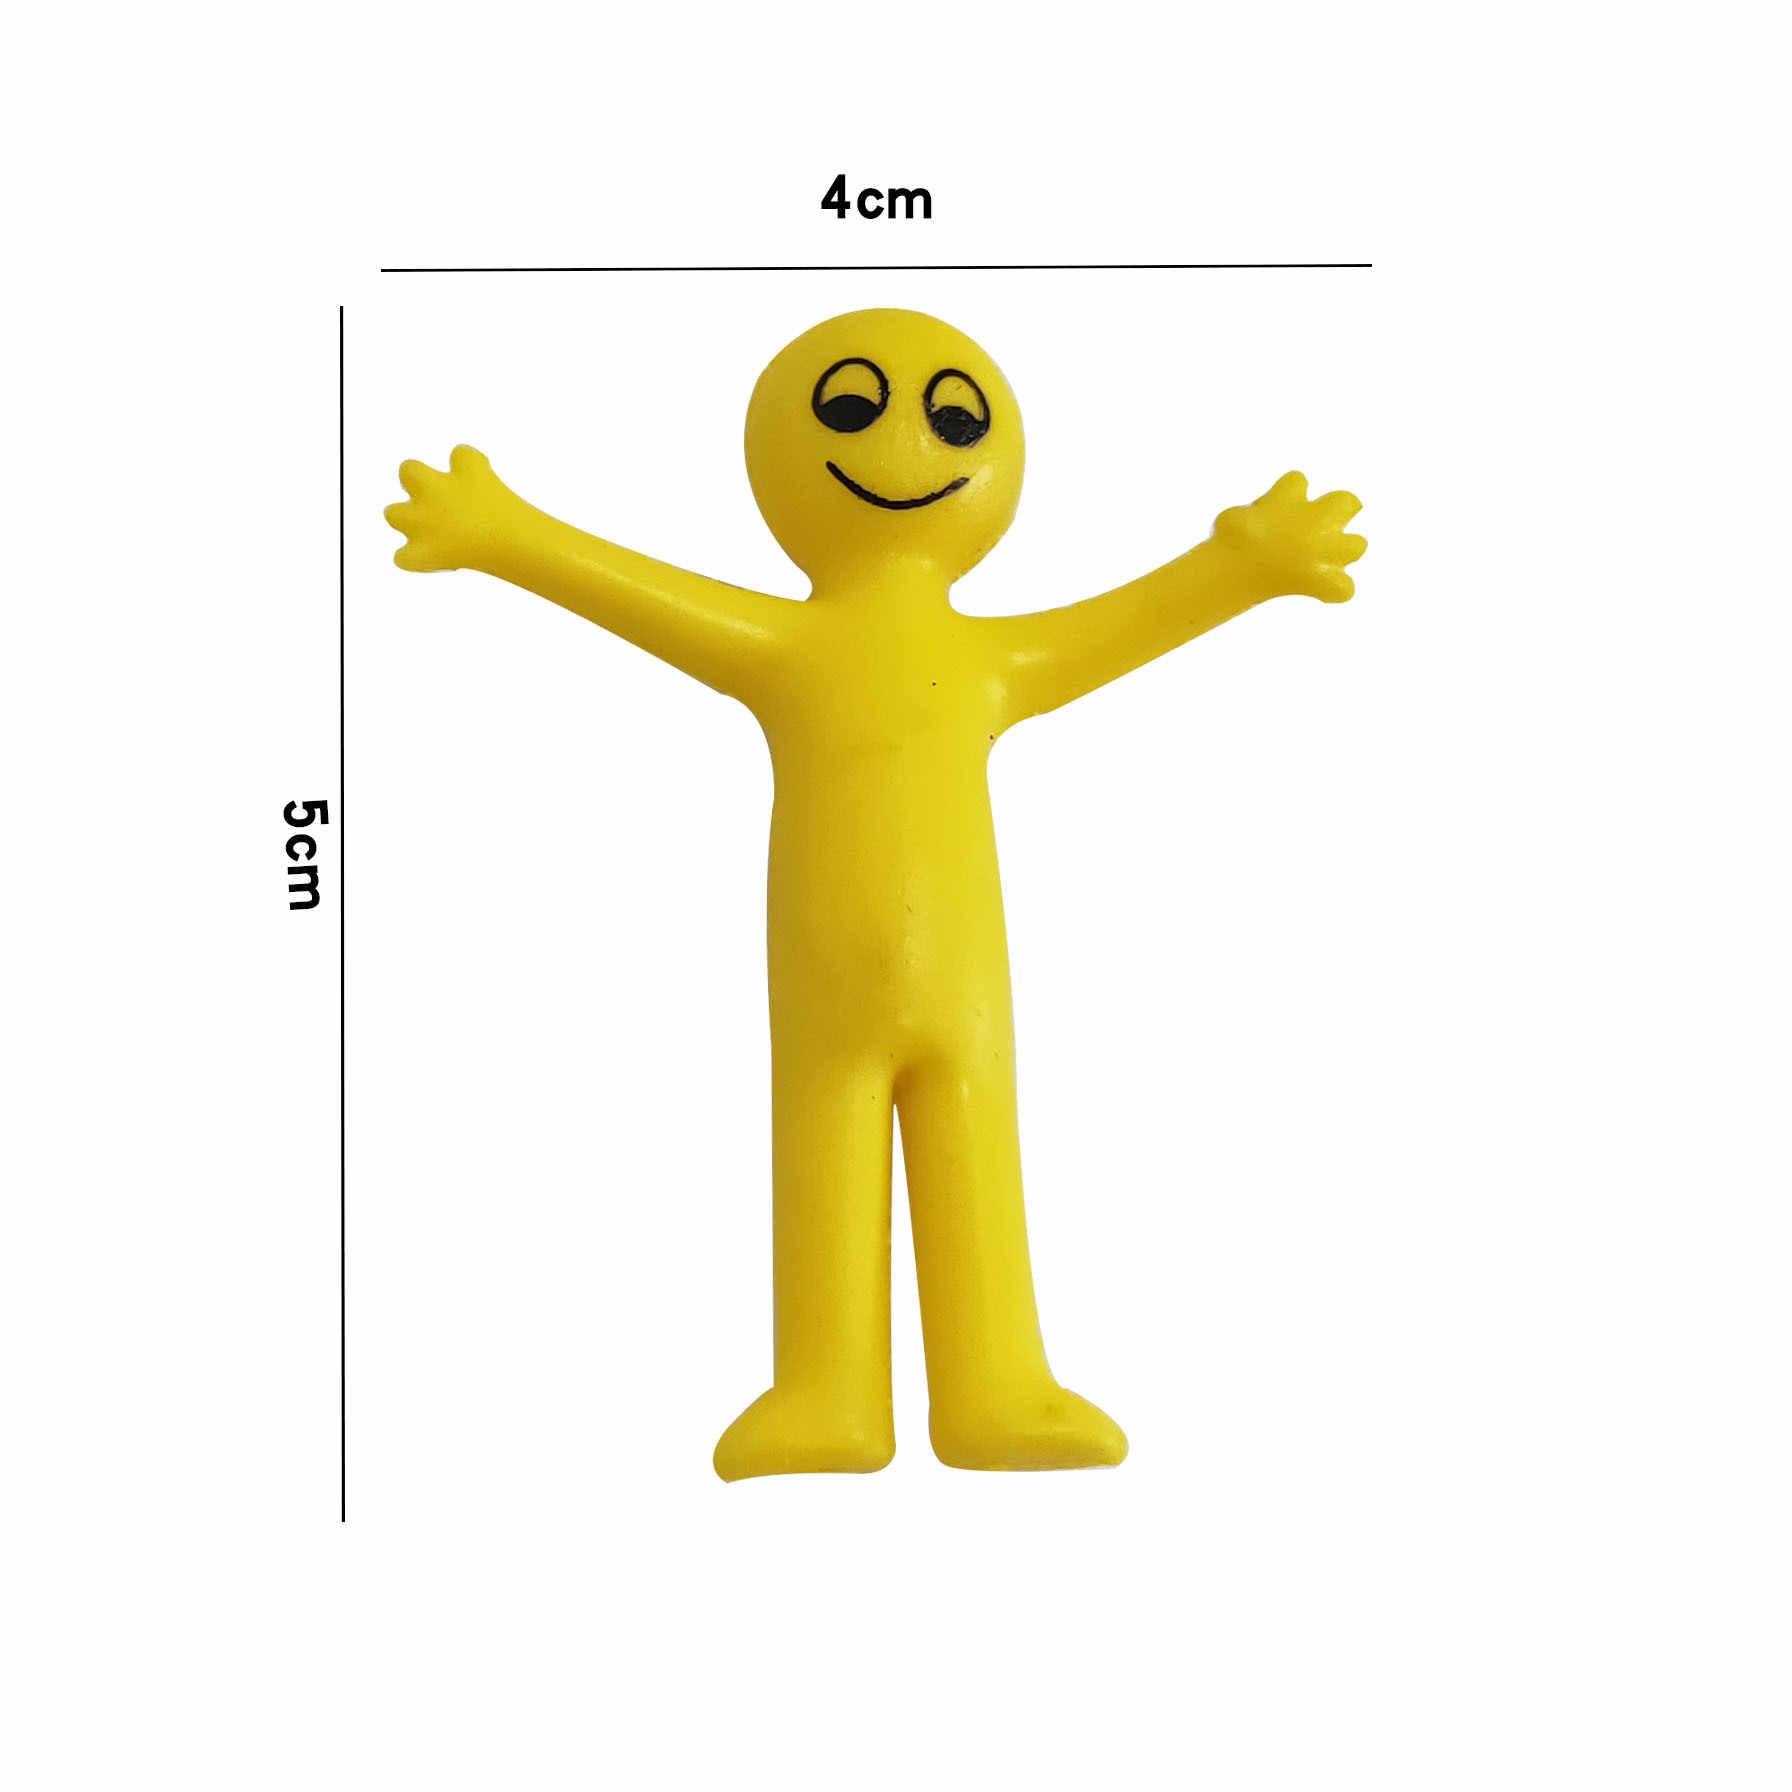 Новинка TPR мягкий клей с выражением желтого человечка может тянуть маленькую игрушку куклы Упакованные твист яйцо игрушки Забавные игрушки-гаджеты Squishy